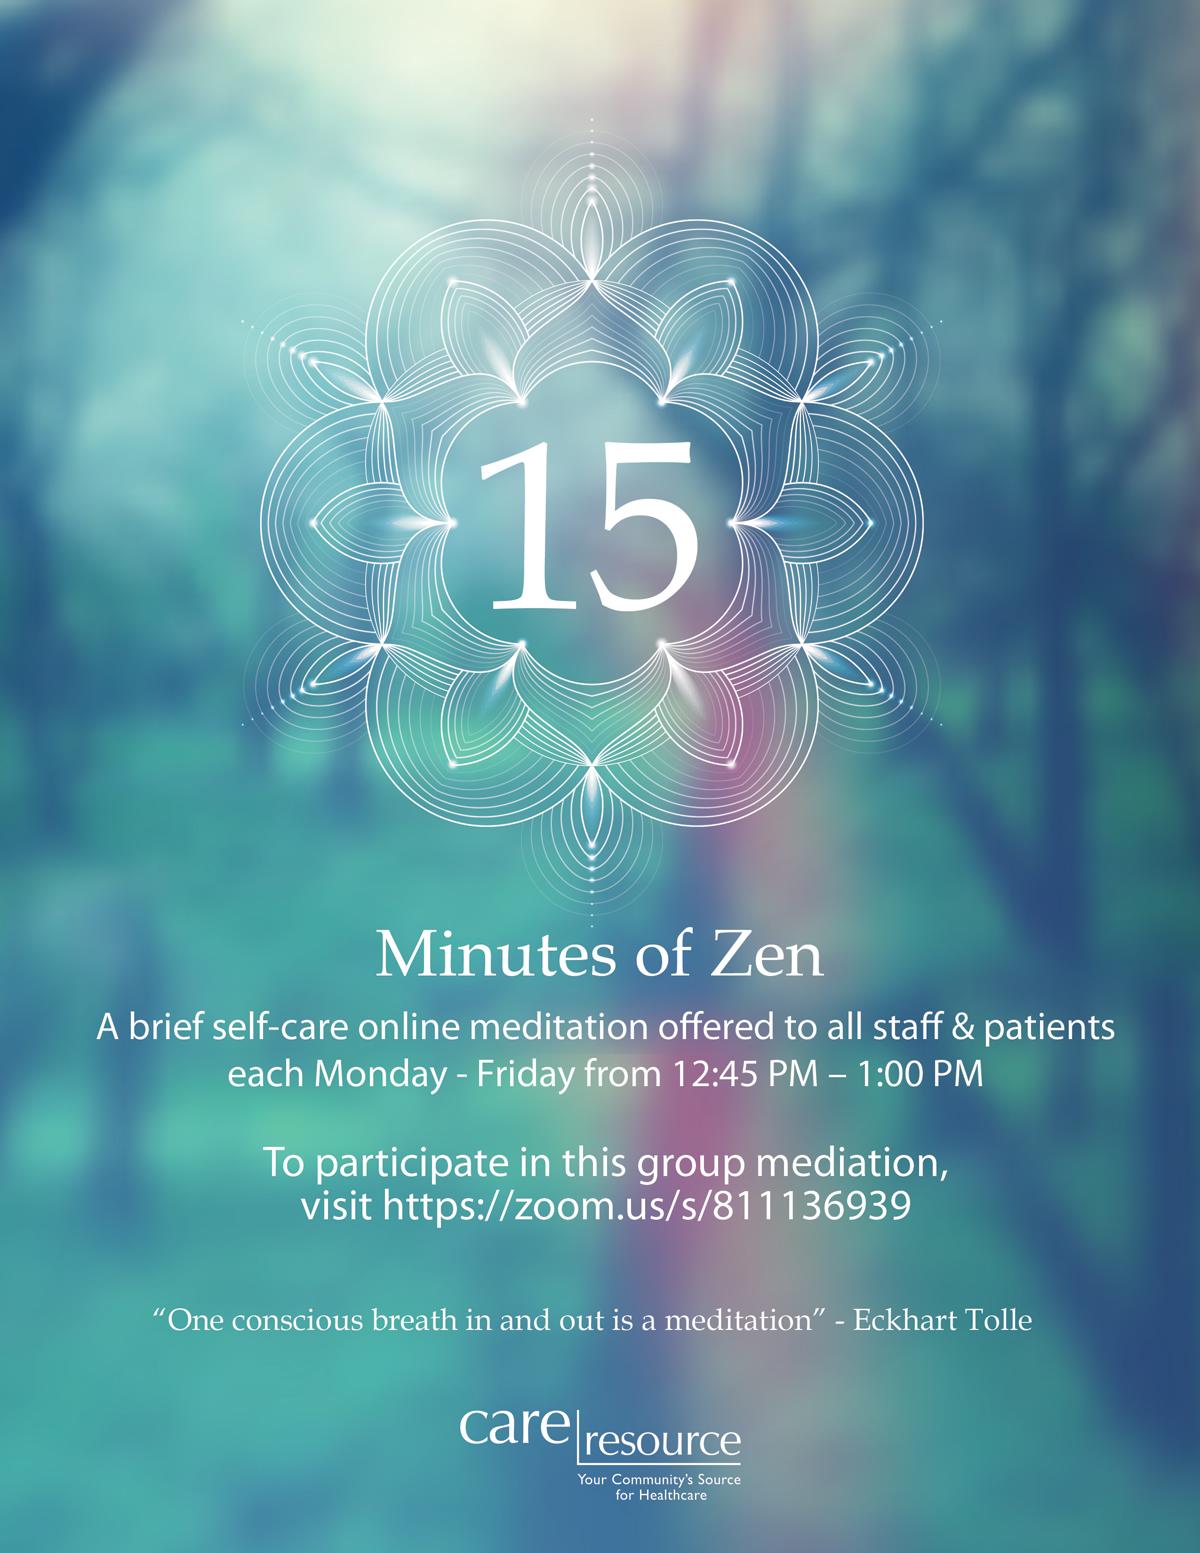 15 Minutes of Zen